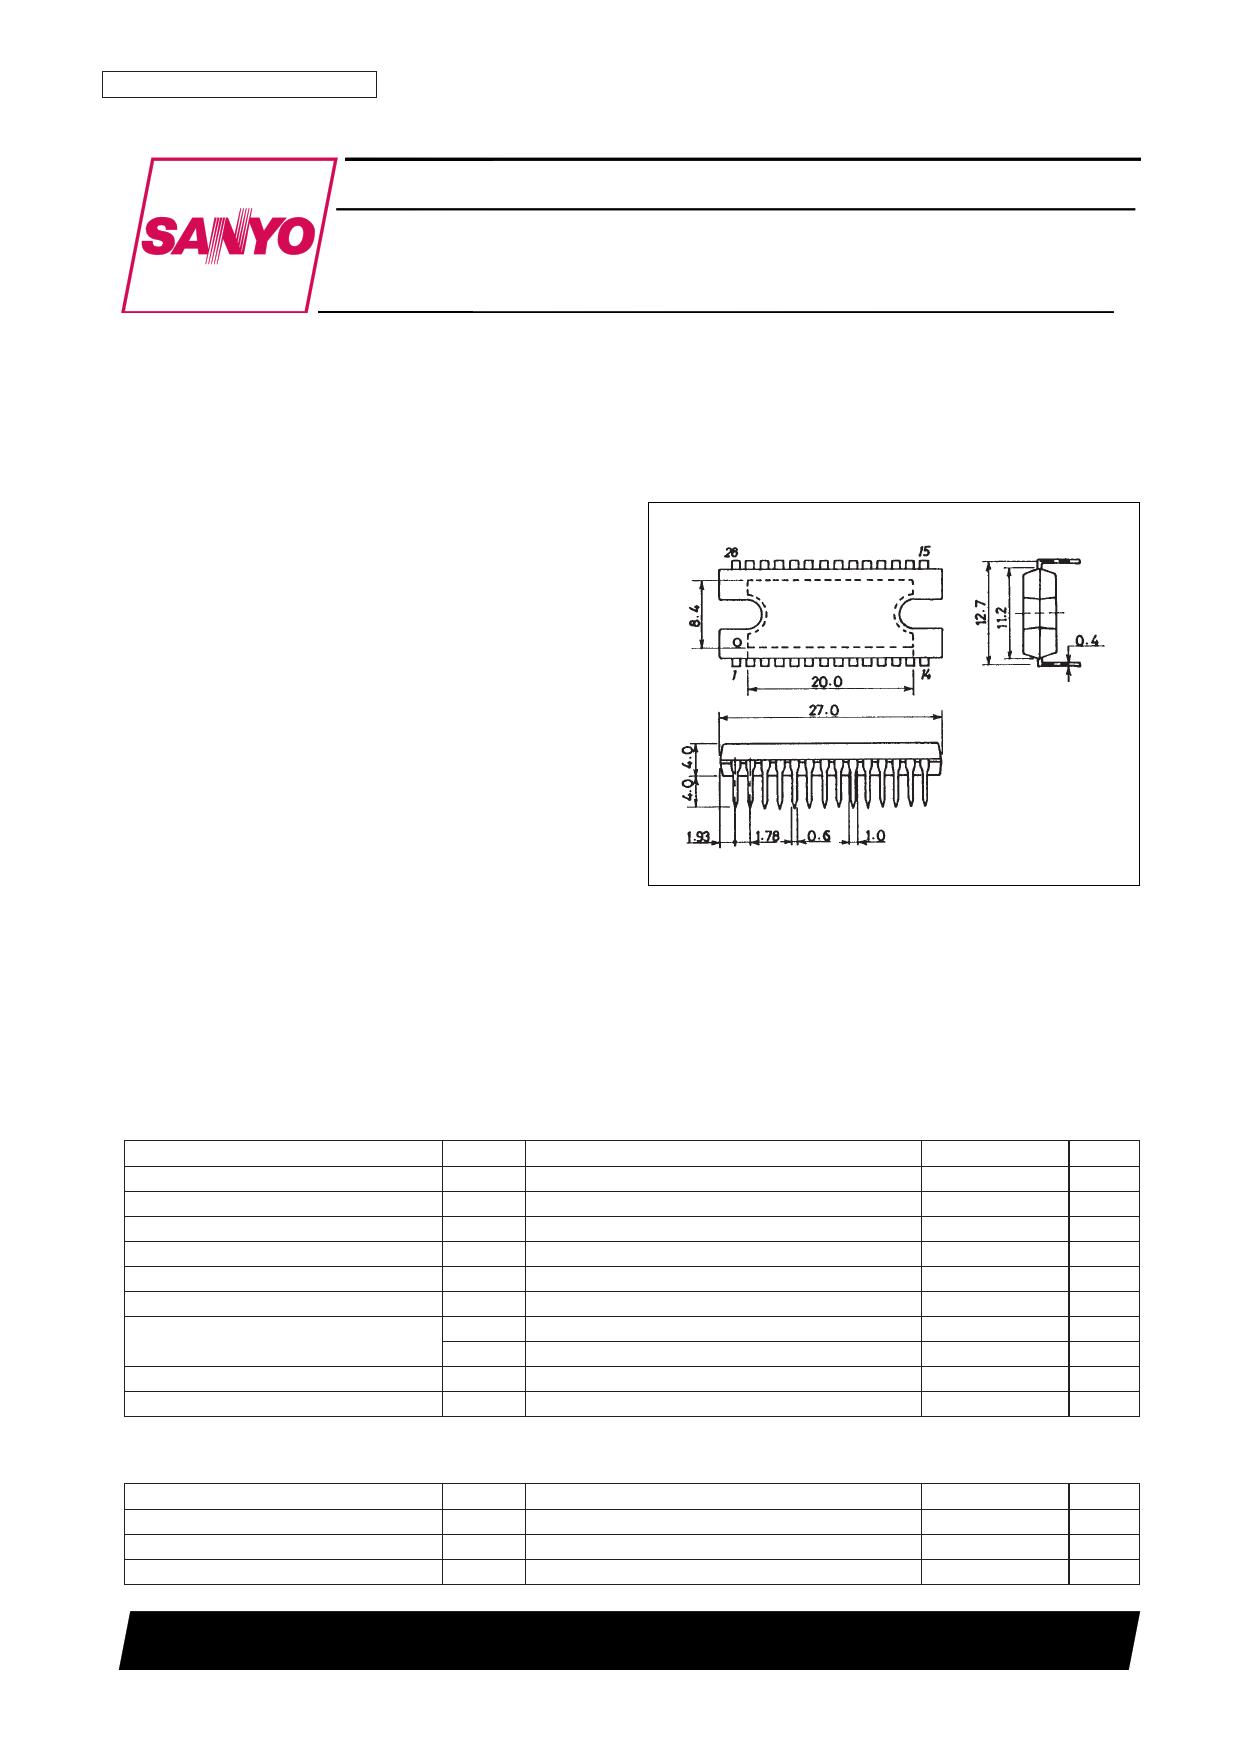 LB1845 datasheet